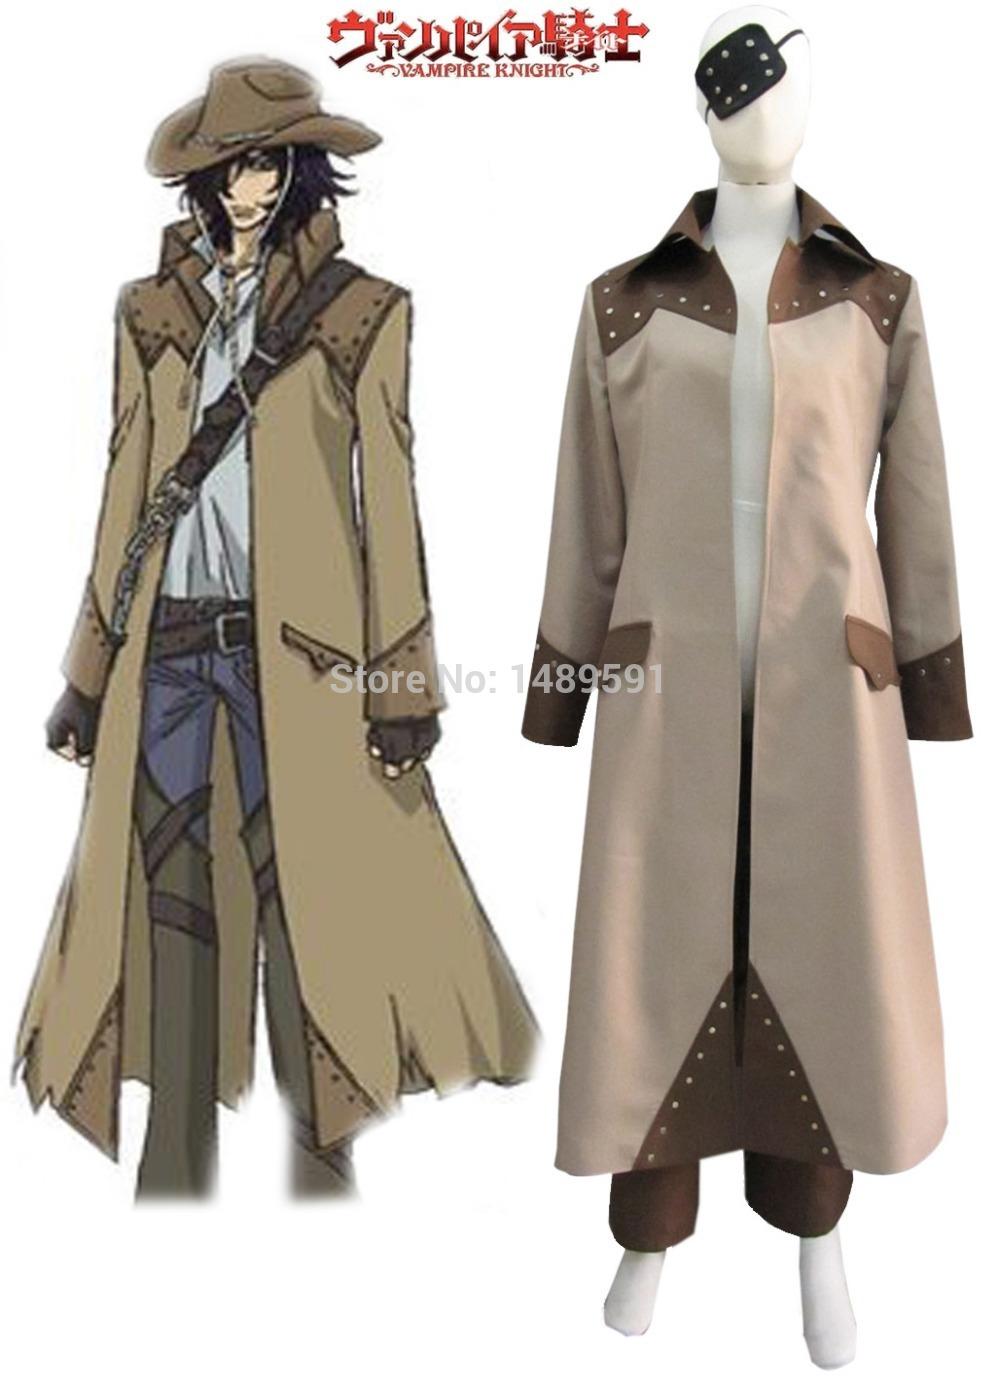 Vampire Knight Toga Yagari Vampire Hunter Overcoat Cosplay Costume Free Shipping(China (Mainland))